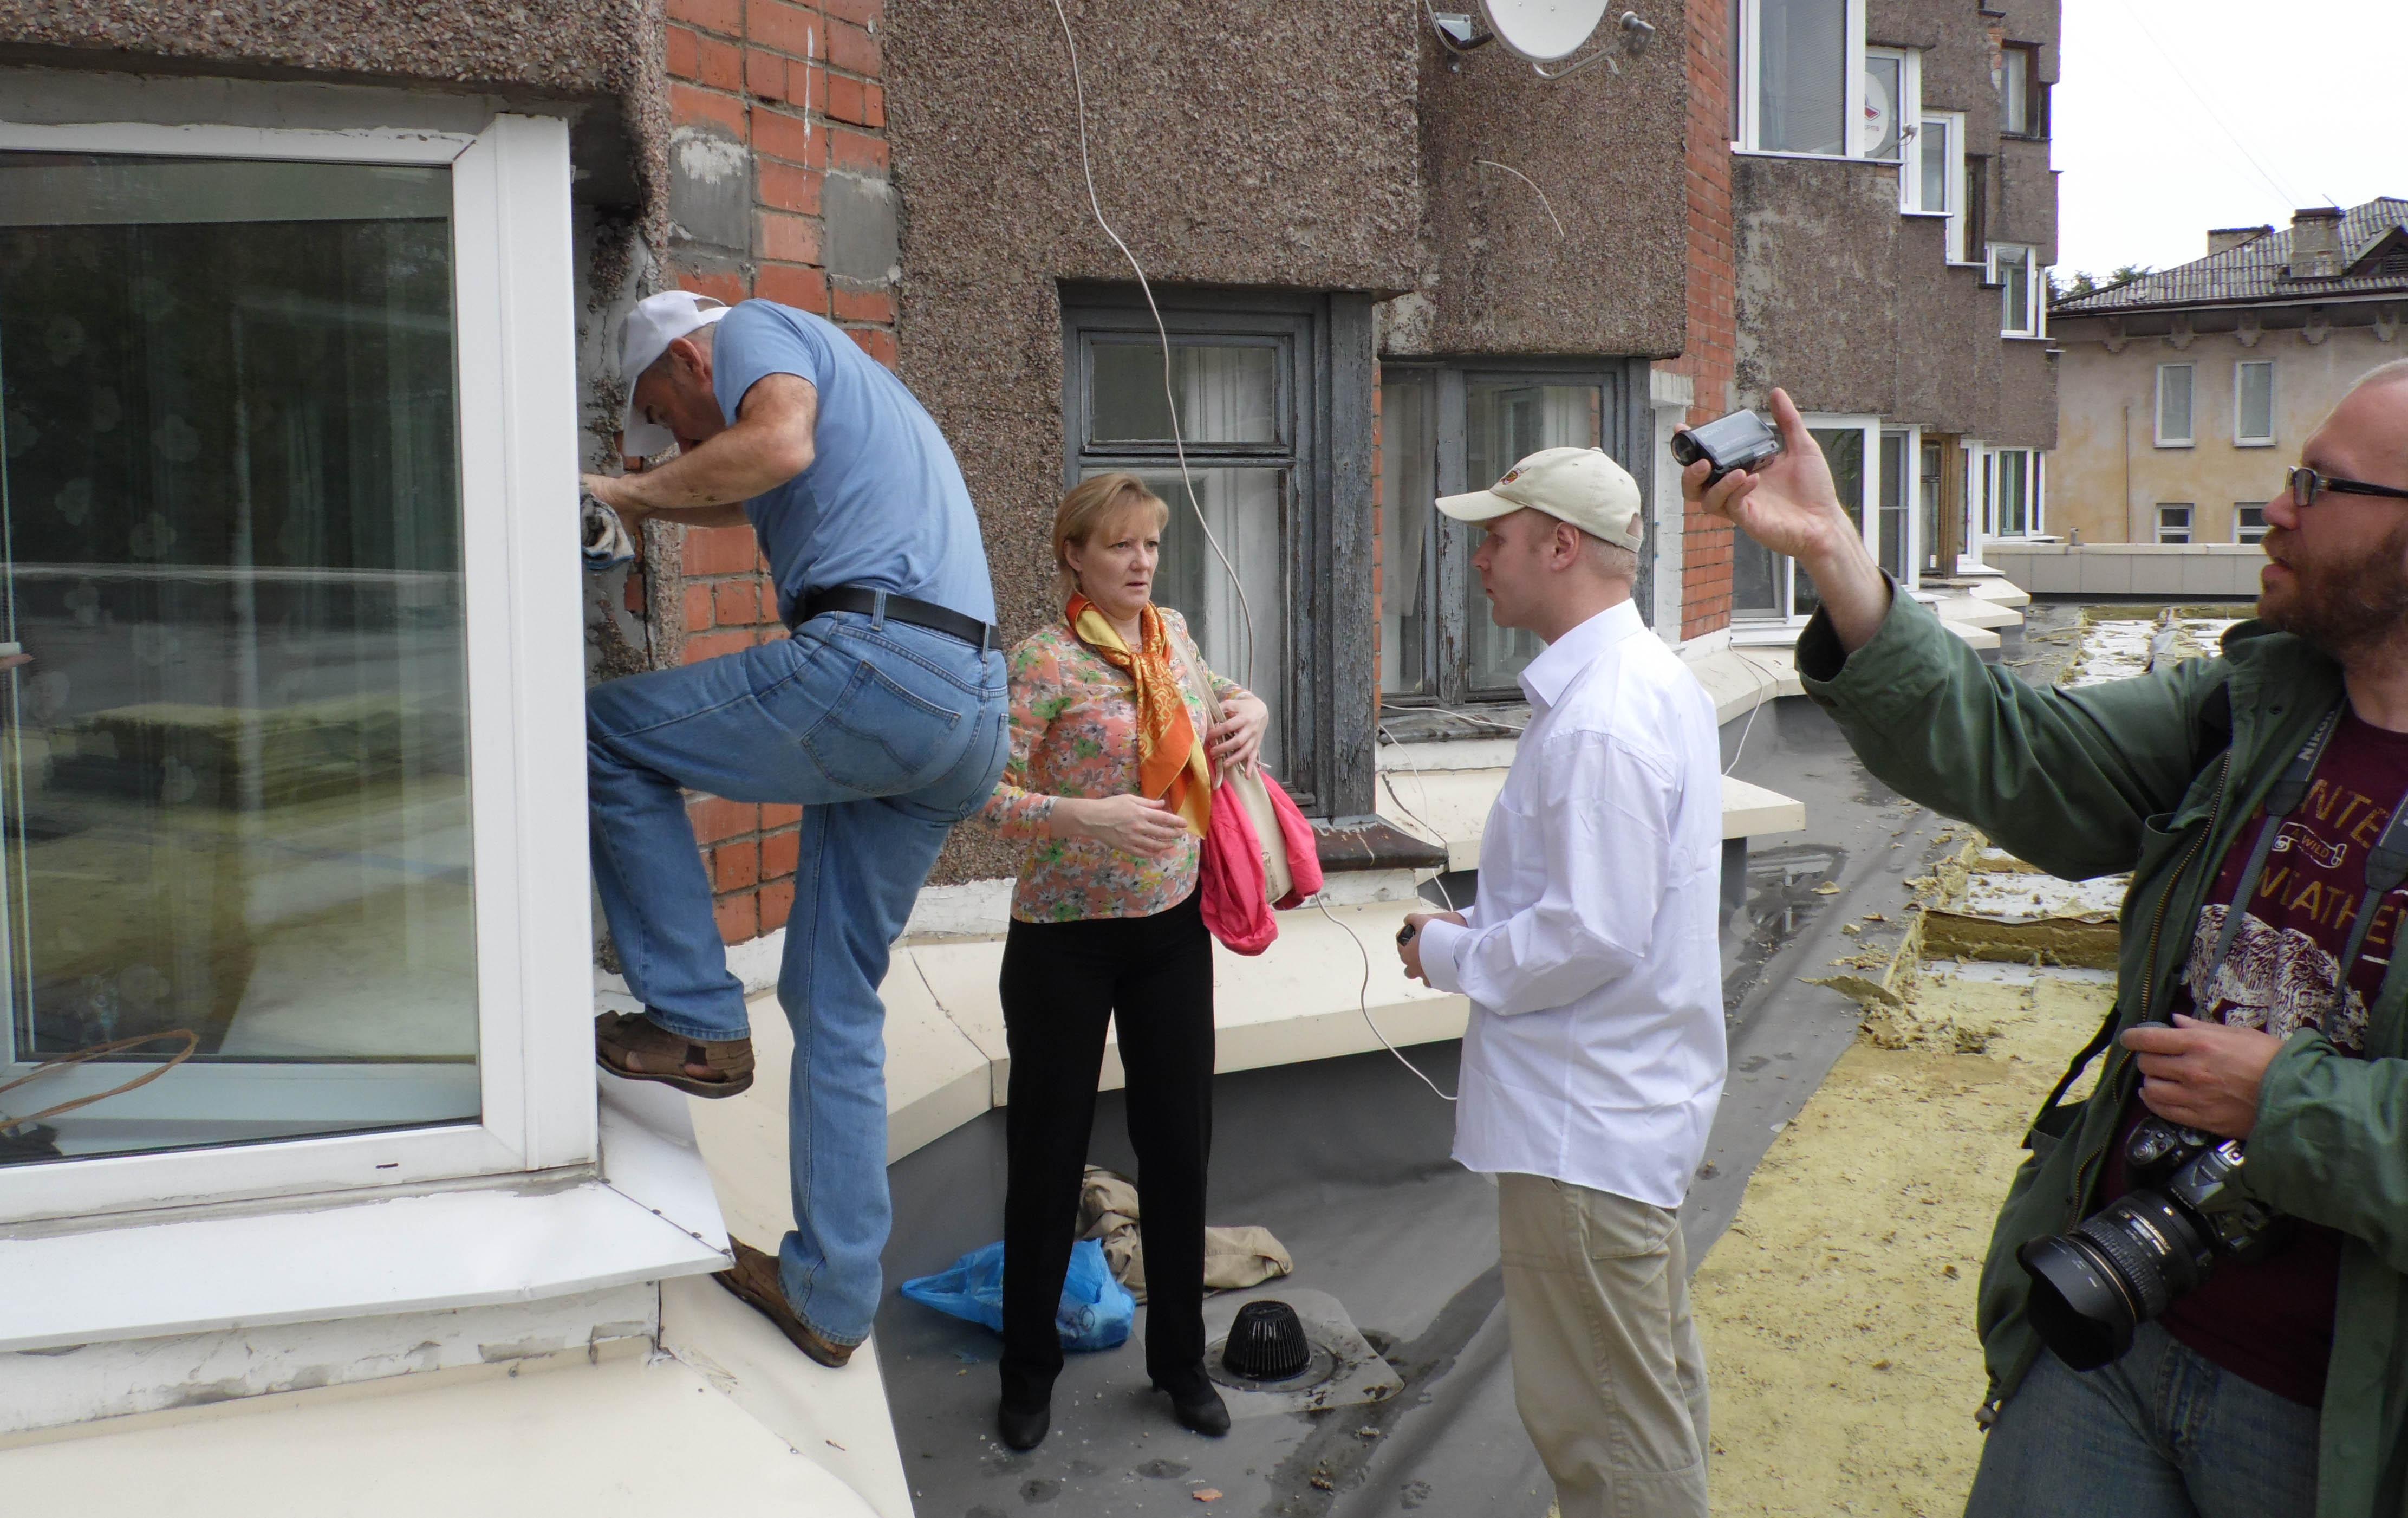 На крышу пристройки участники событий попадали через окна квартир. Фото: Алексей Владимиров